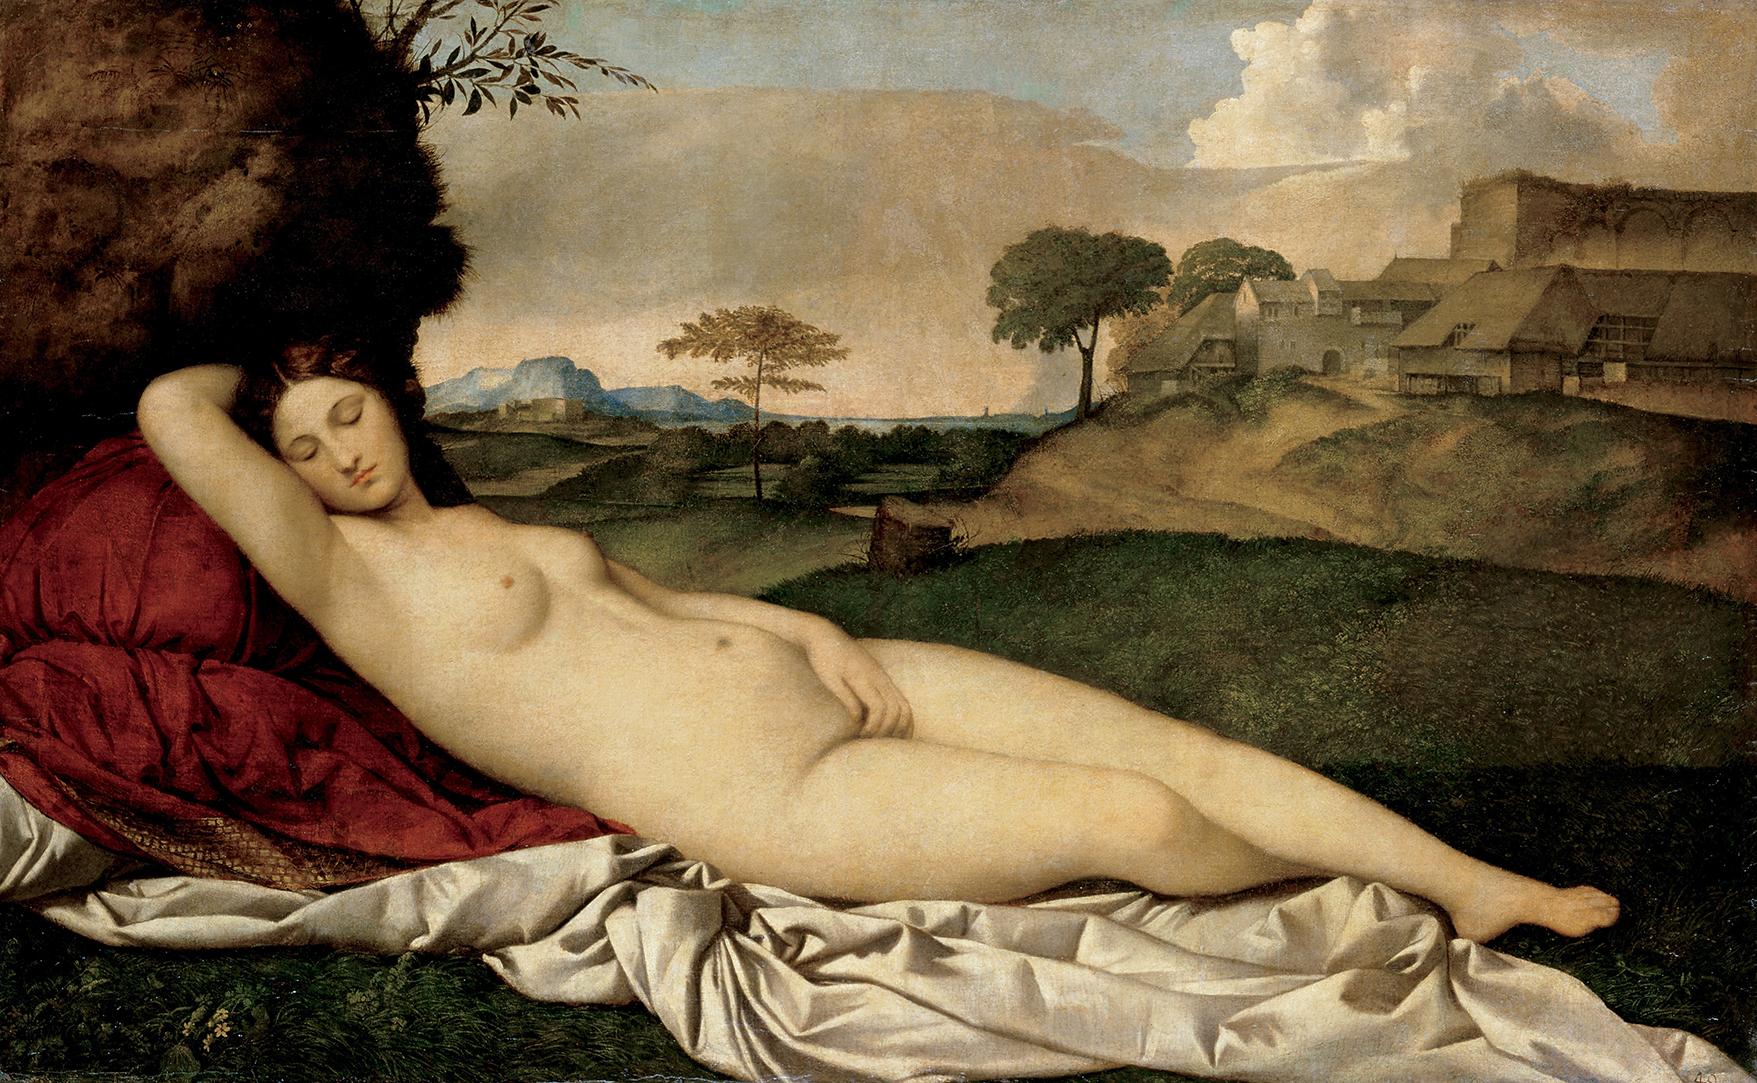 Giorgione_-_Sleeping_Venus 1508.jpg